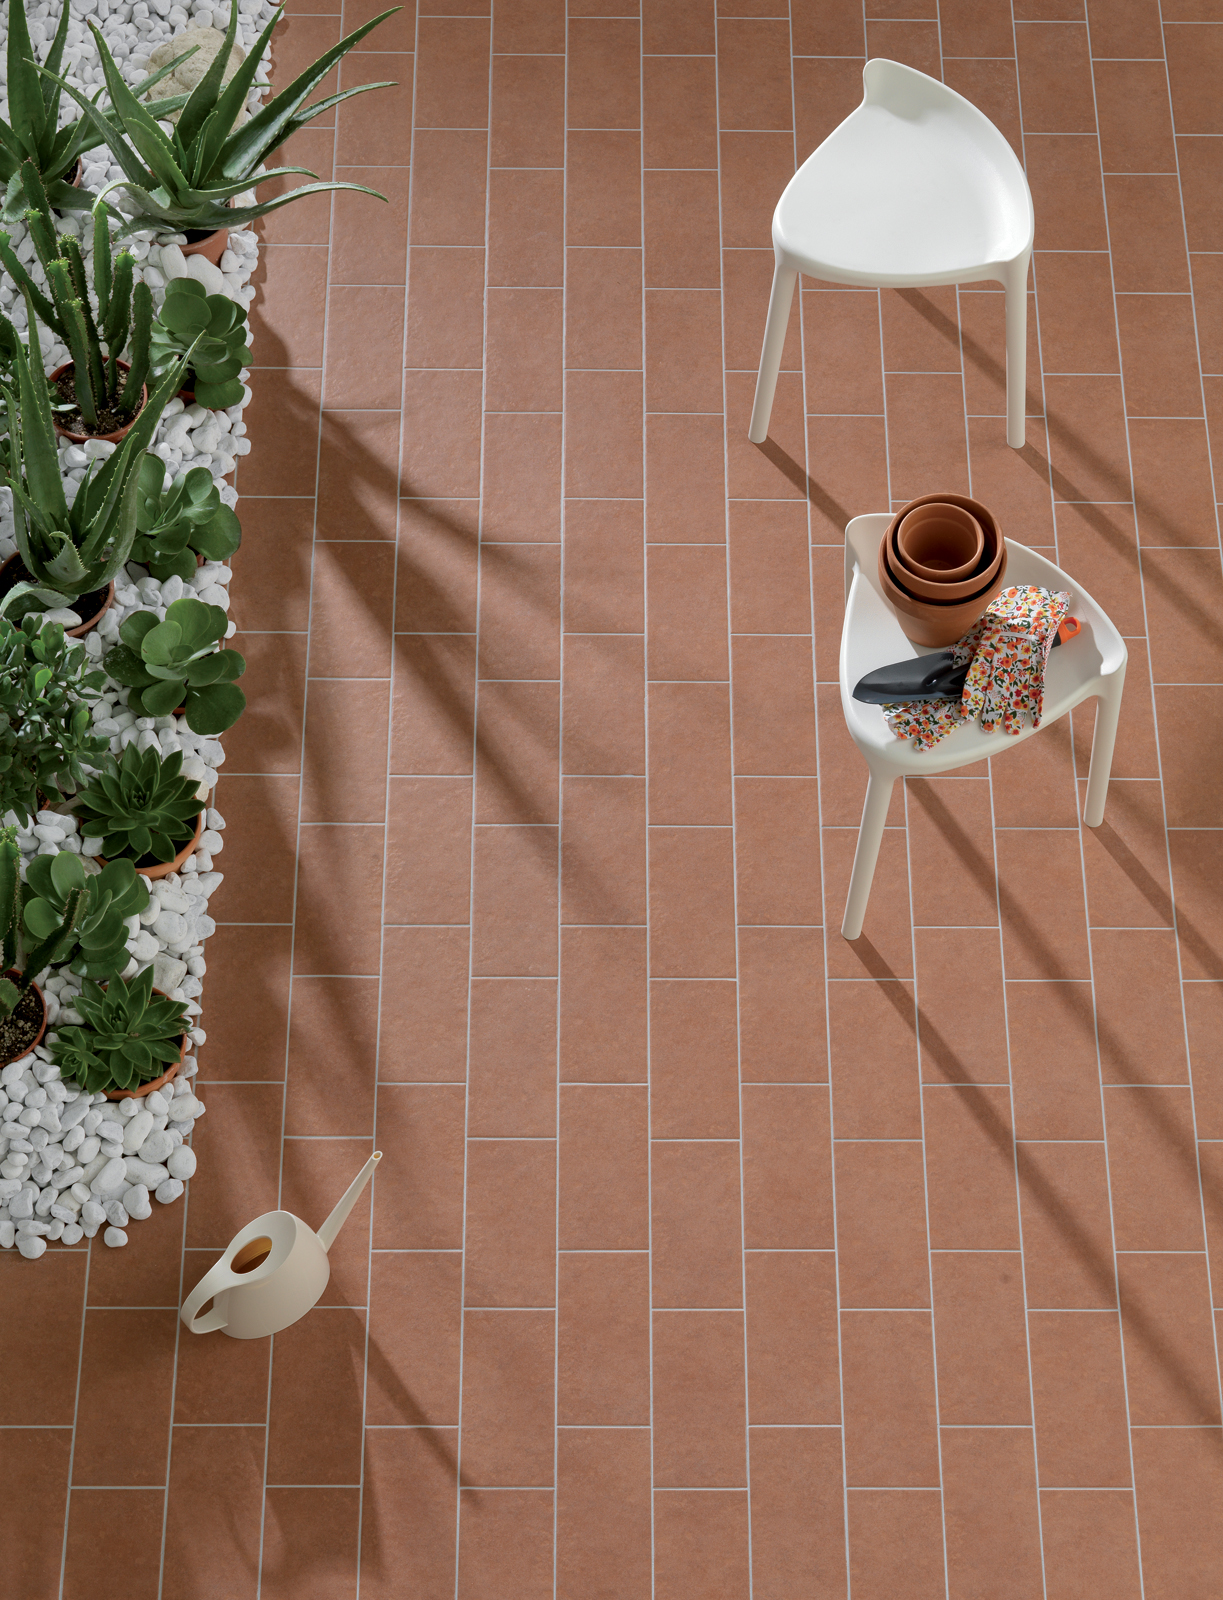 Plaza gres porcellanato per pavimenti esterni ragno - Piastrelle decorative per esterni ...